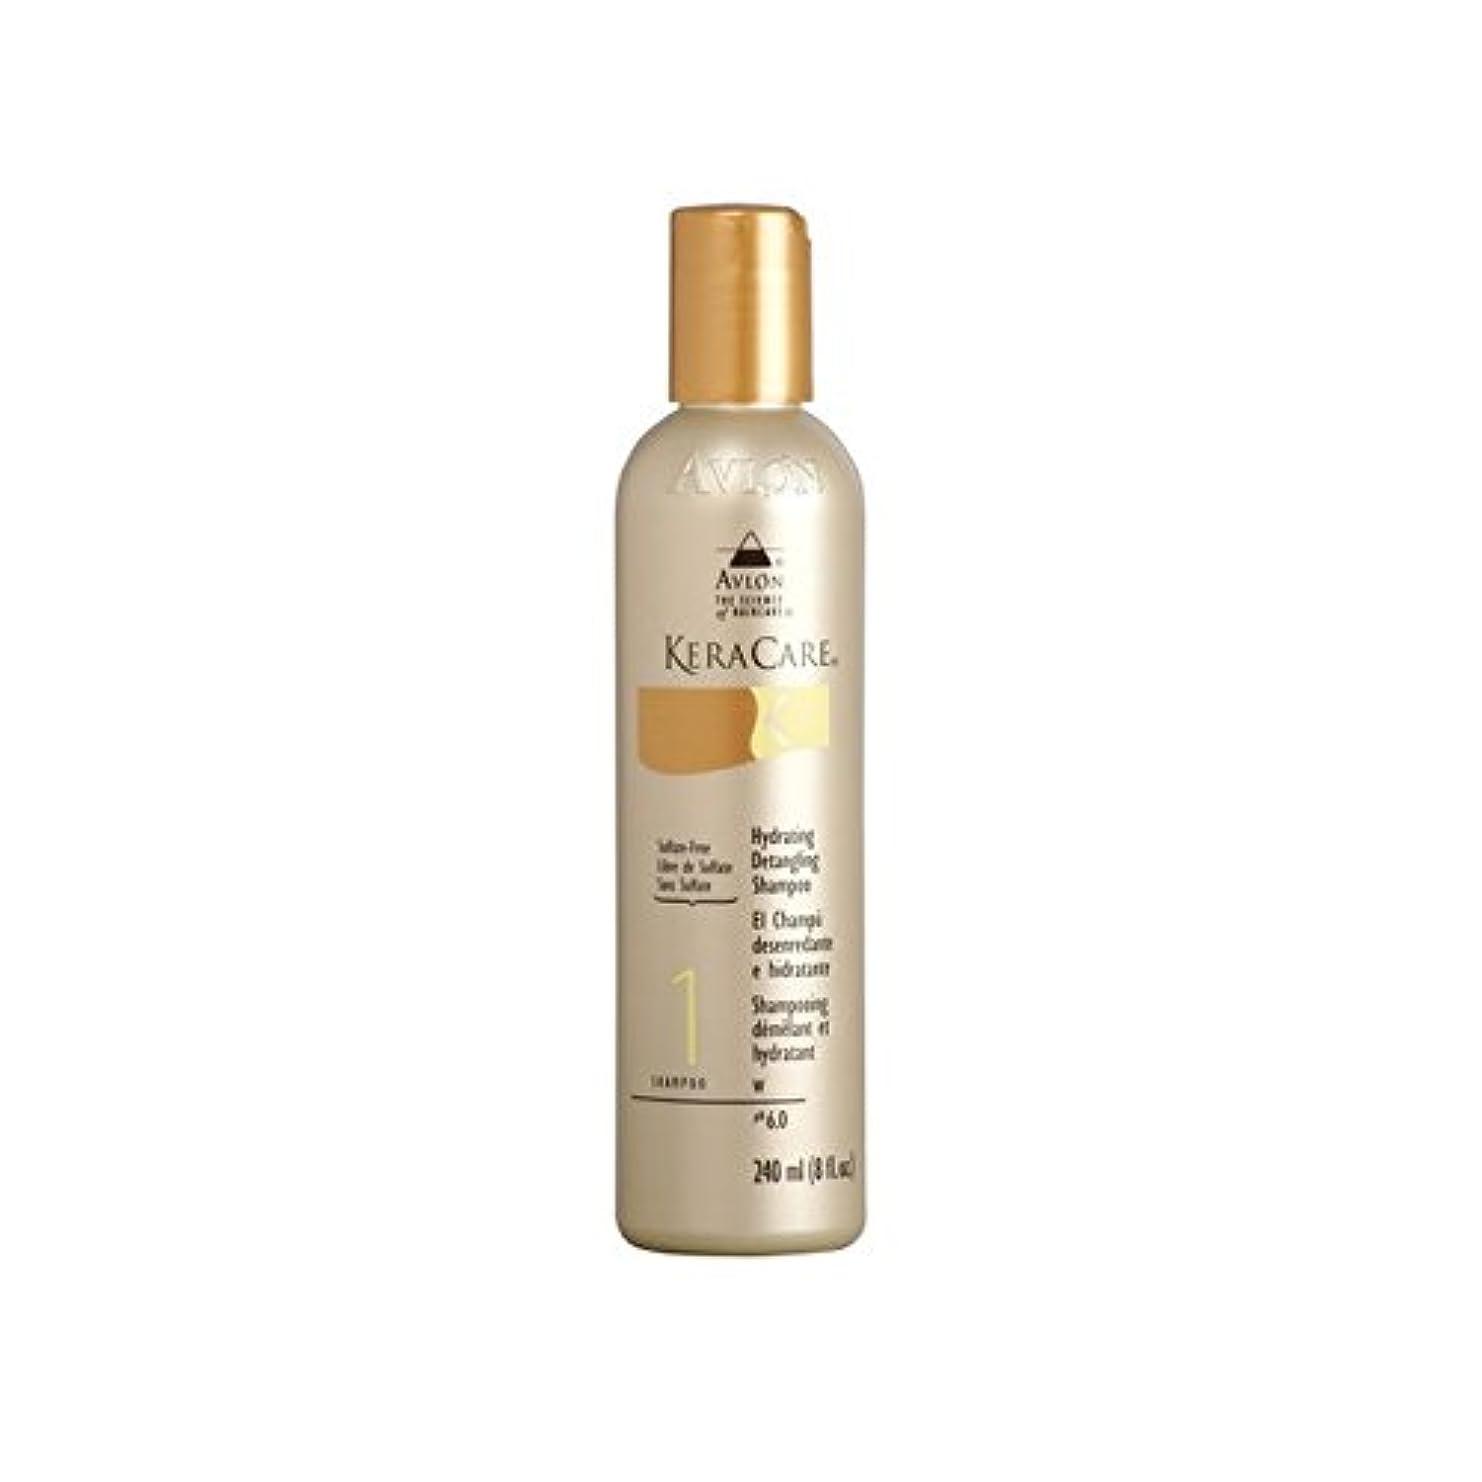 差別買収崇拝するKeracare Hydrating Detangling Shampoo (240ml) (Pack of 6) - 水和もつれ解除シャンプー(240ミリリットル) x6 [並行輸入品]